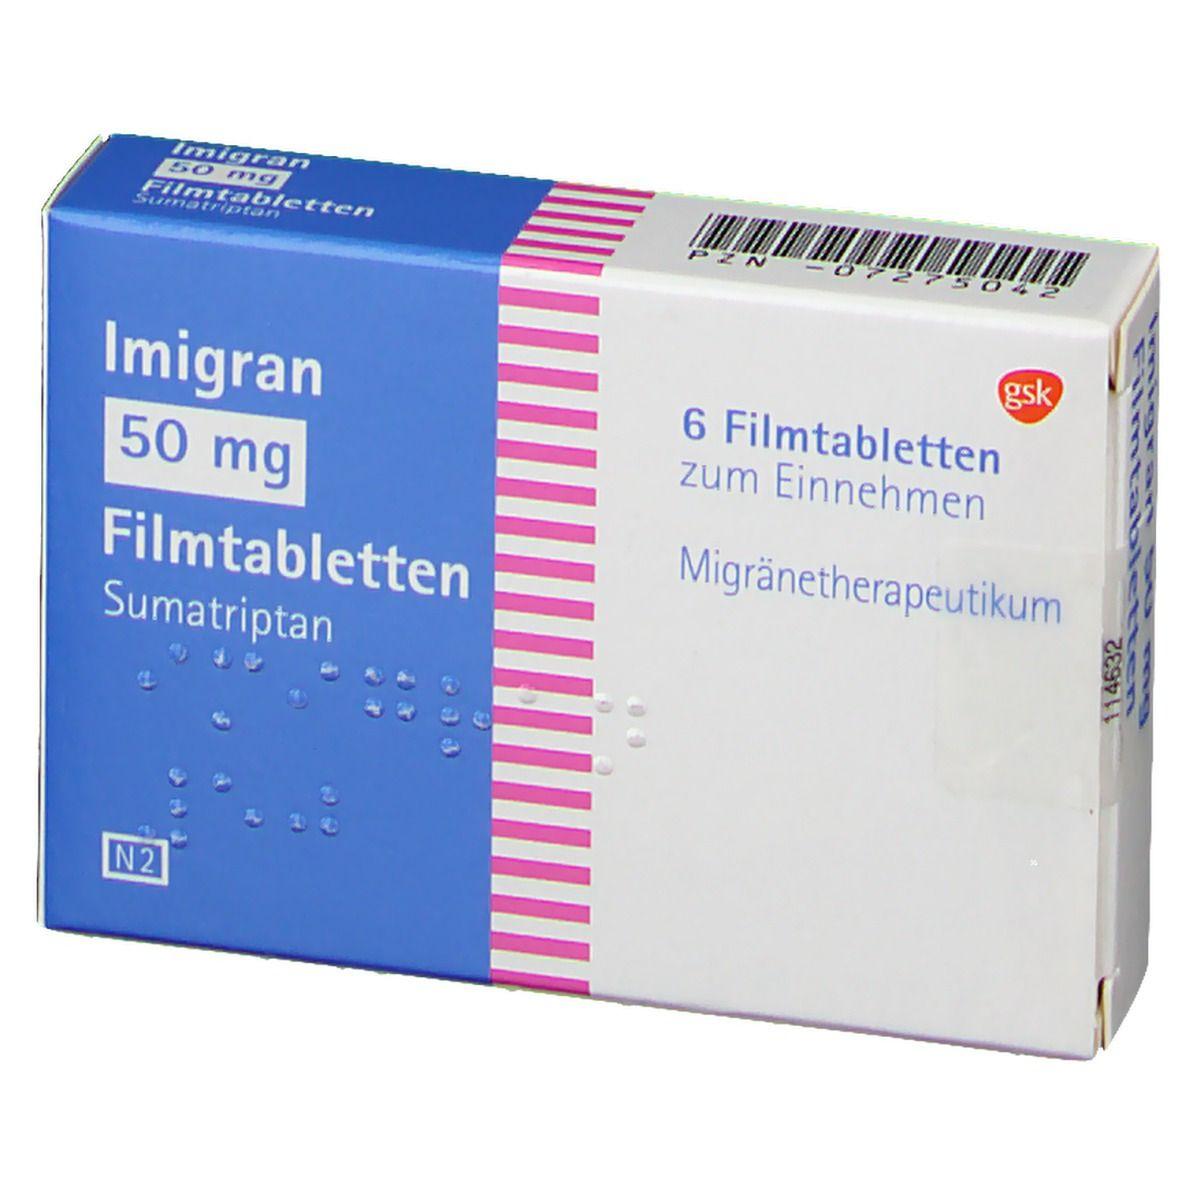 Imigran 50 mg Filmtabl.